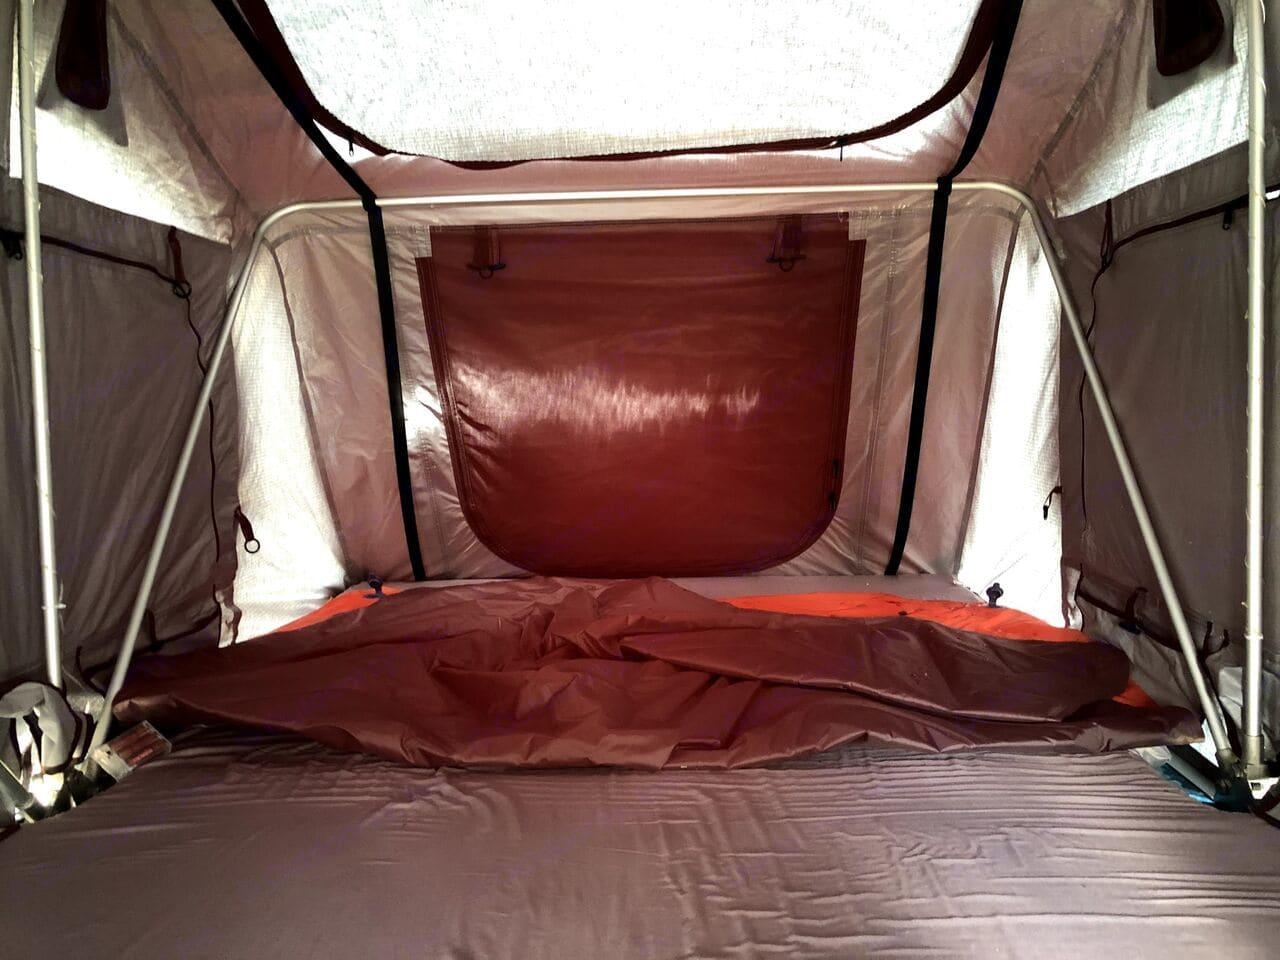 Inside rooftop camper when deployed. sleeps 2-3 comfortably. Volkswagen Passat 2008